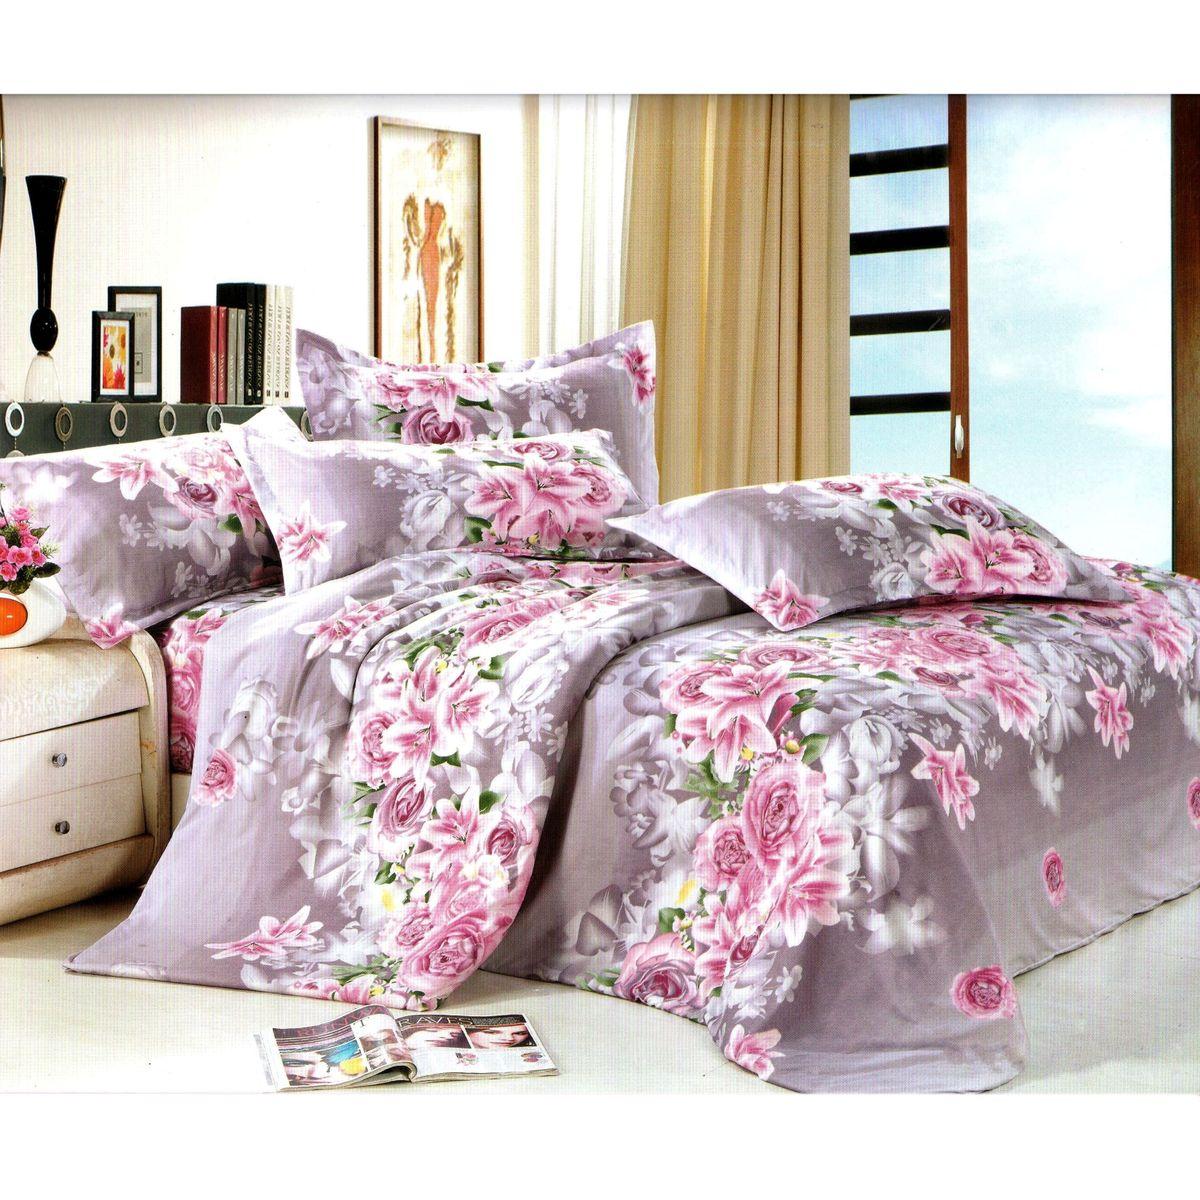 Комплект белья Этель, 1,5-спальный, наволочки 70x70. 103538103538